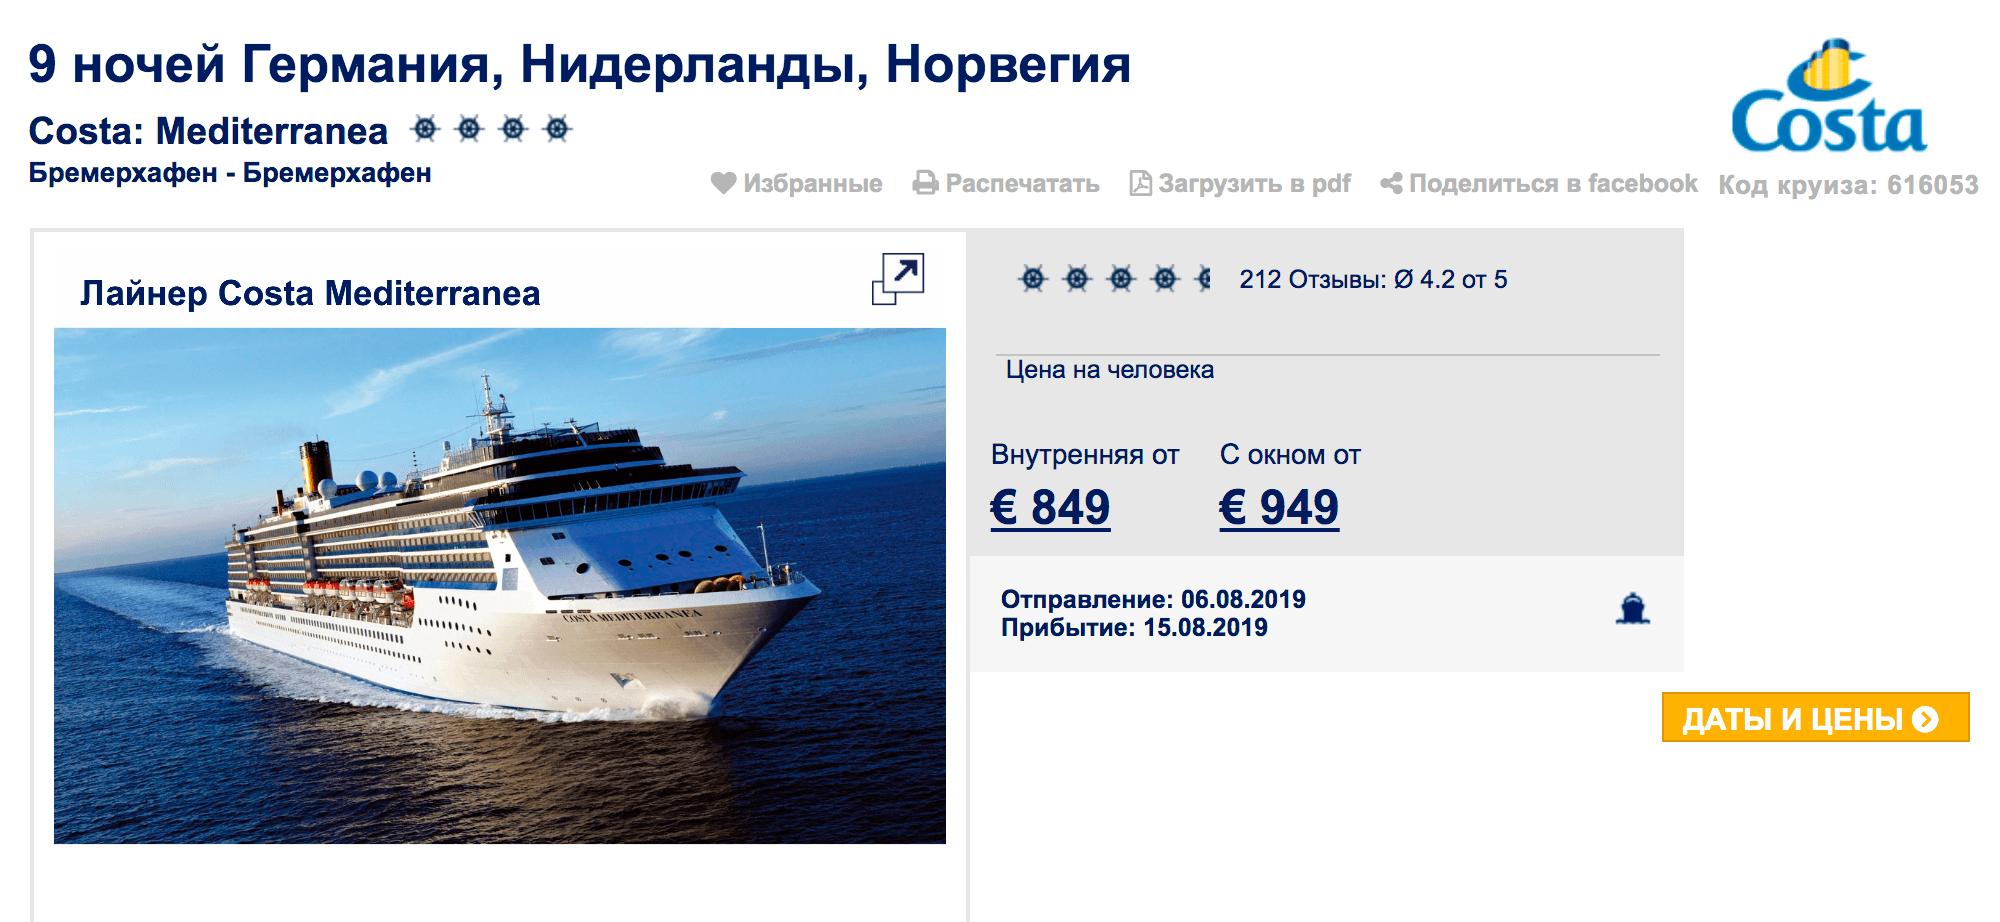 Для сравнения, насыщенный круиз по фьордам из Германии стоит 122 000рублей на двоих: много фьордов и всего 2 дня в море. Билеты до Берлина и обратно — еще 30 000рублей. Даже с учетом перелета получается дешевле, чем с отправлением из Санкт-Петербурга